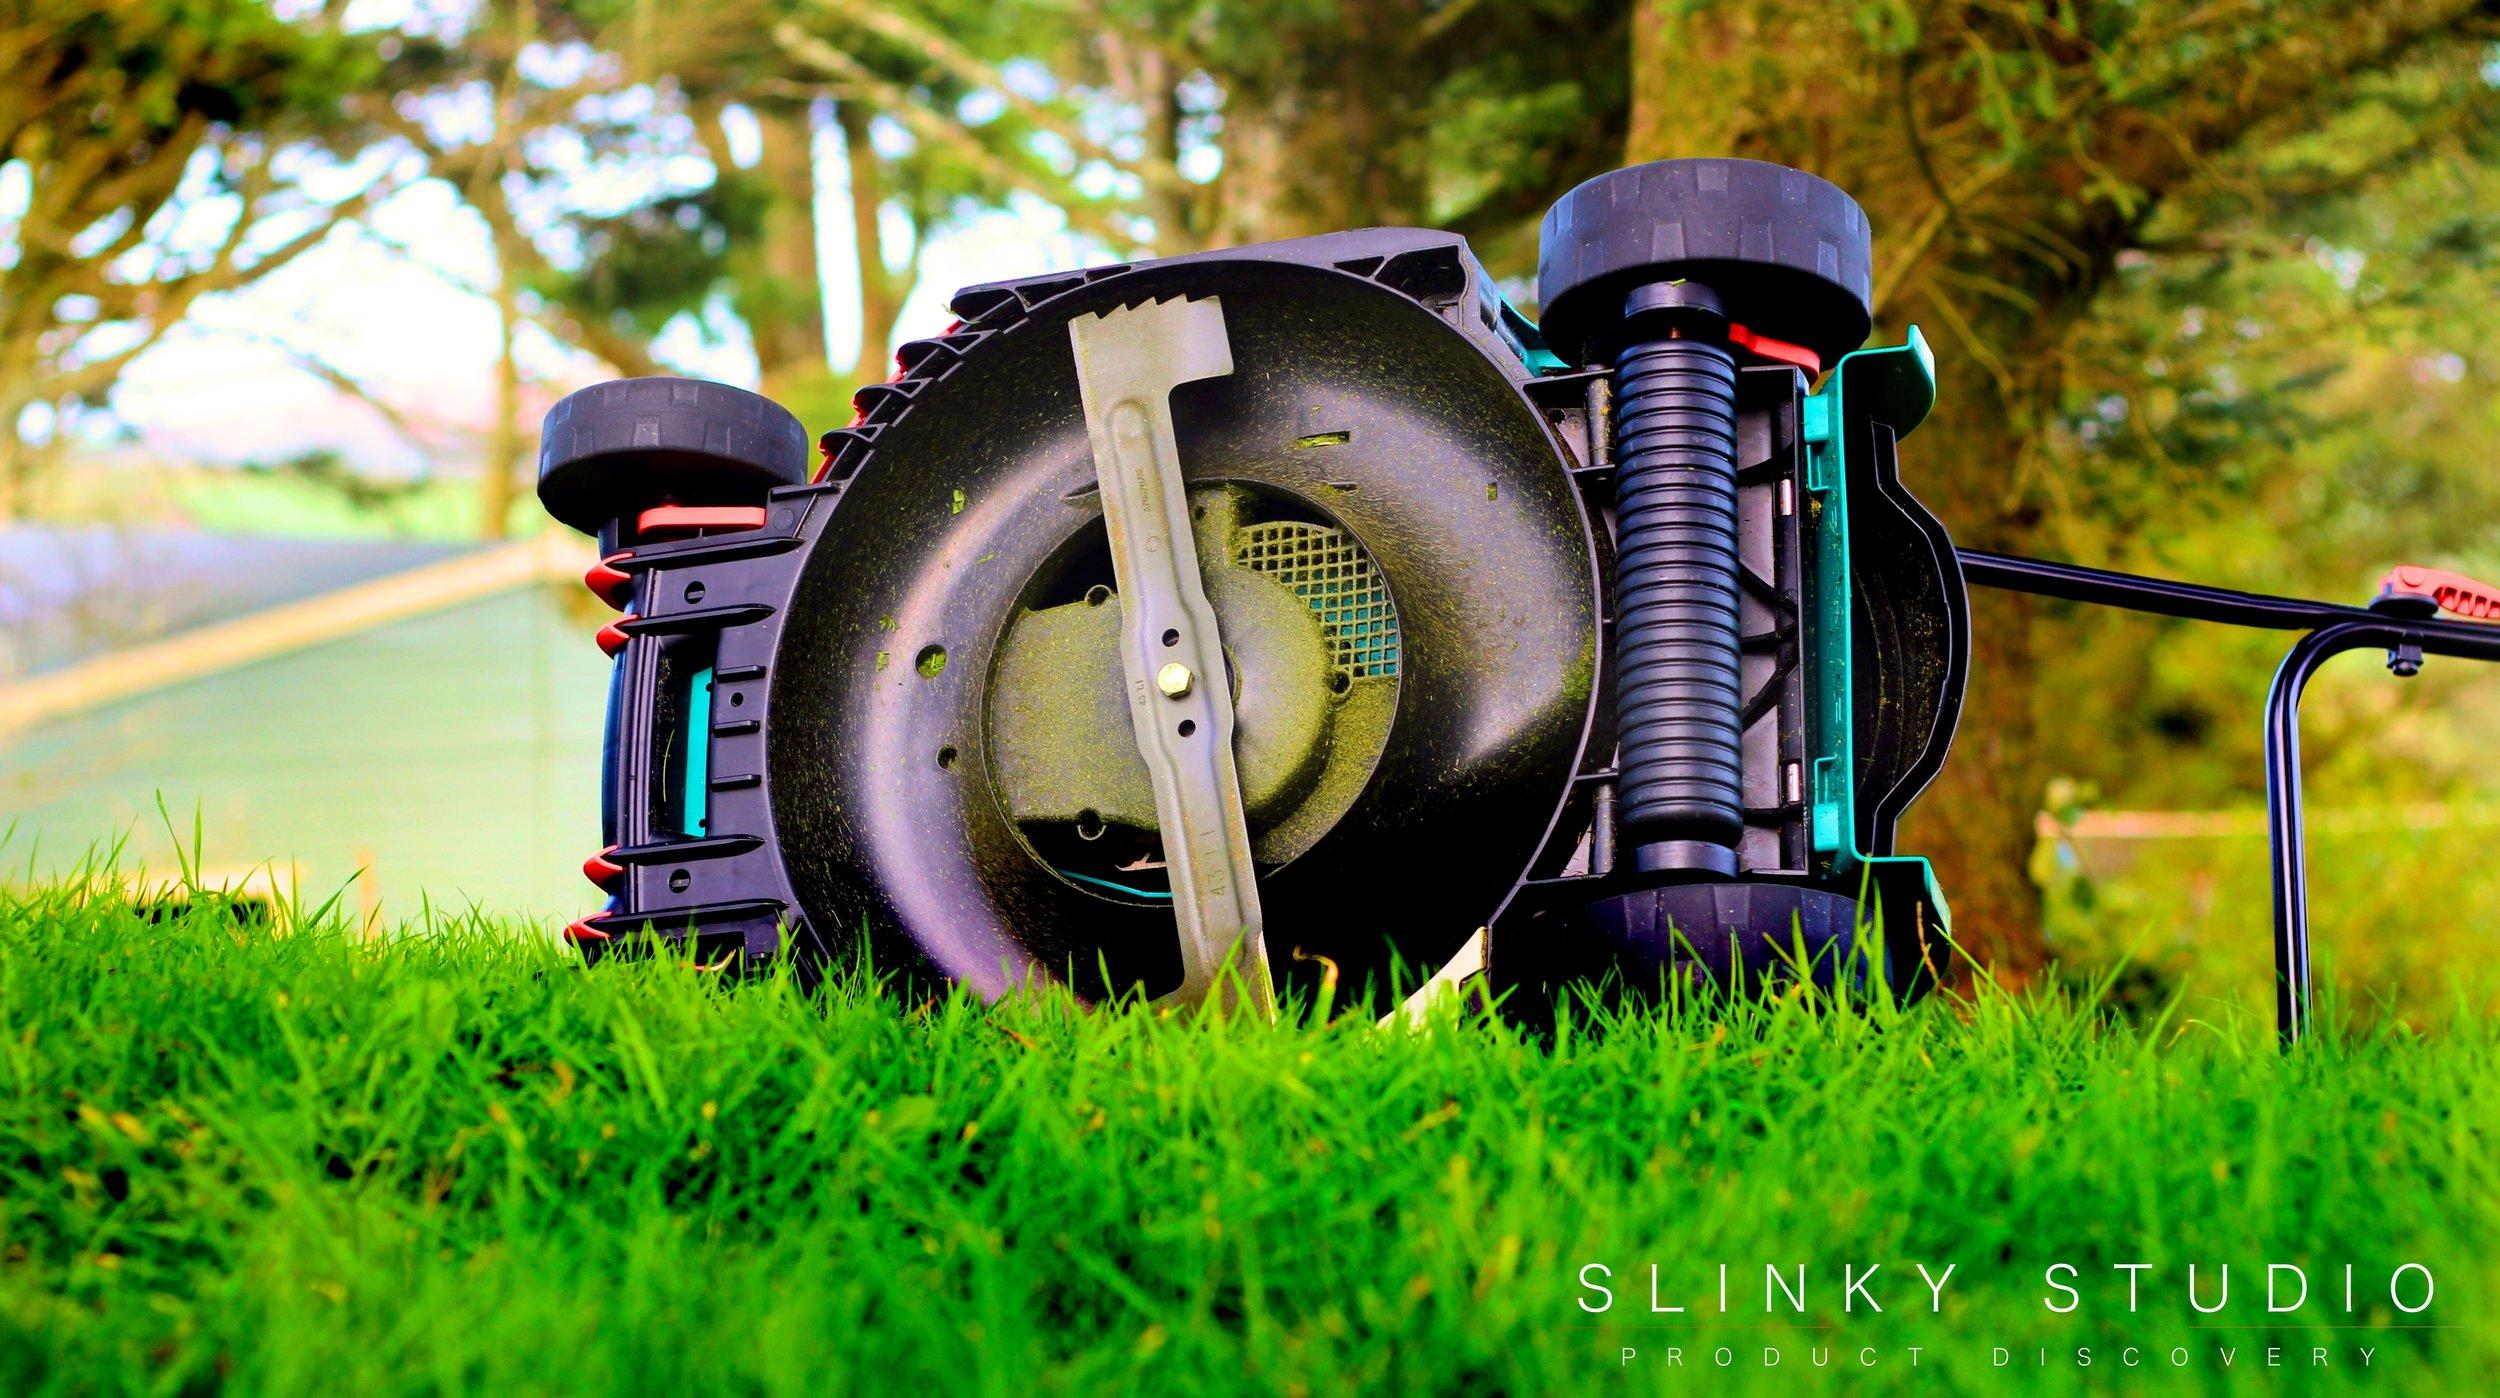 Bosch Rotak 43 LI Ergoflex Cordless Lawnmower Blade.jpg